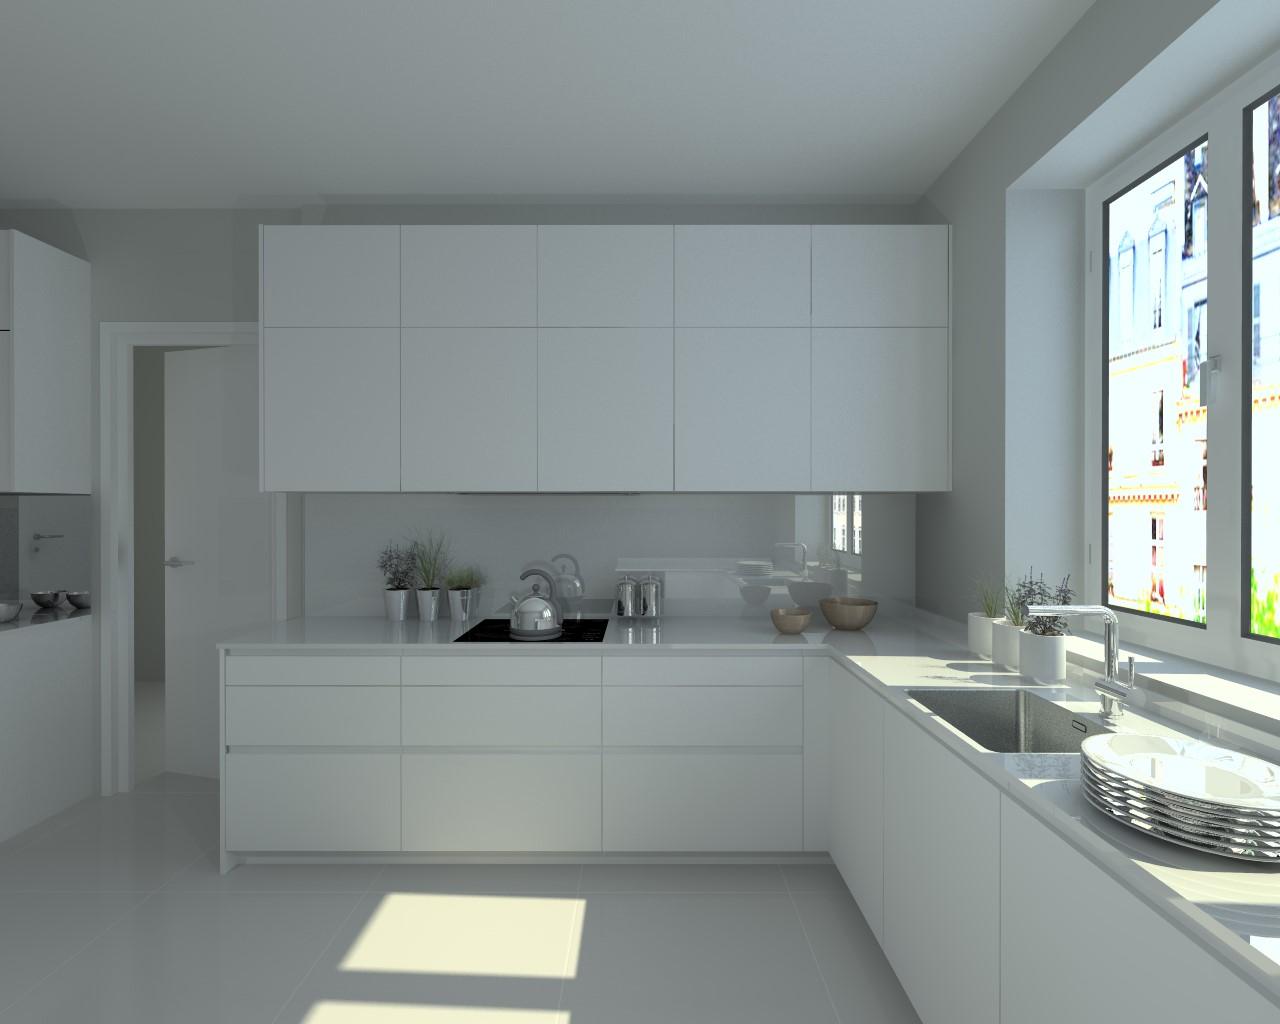 Aravaca cocina santos modelo line e blanco encimera for Modelo de cocina integrado